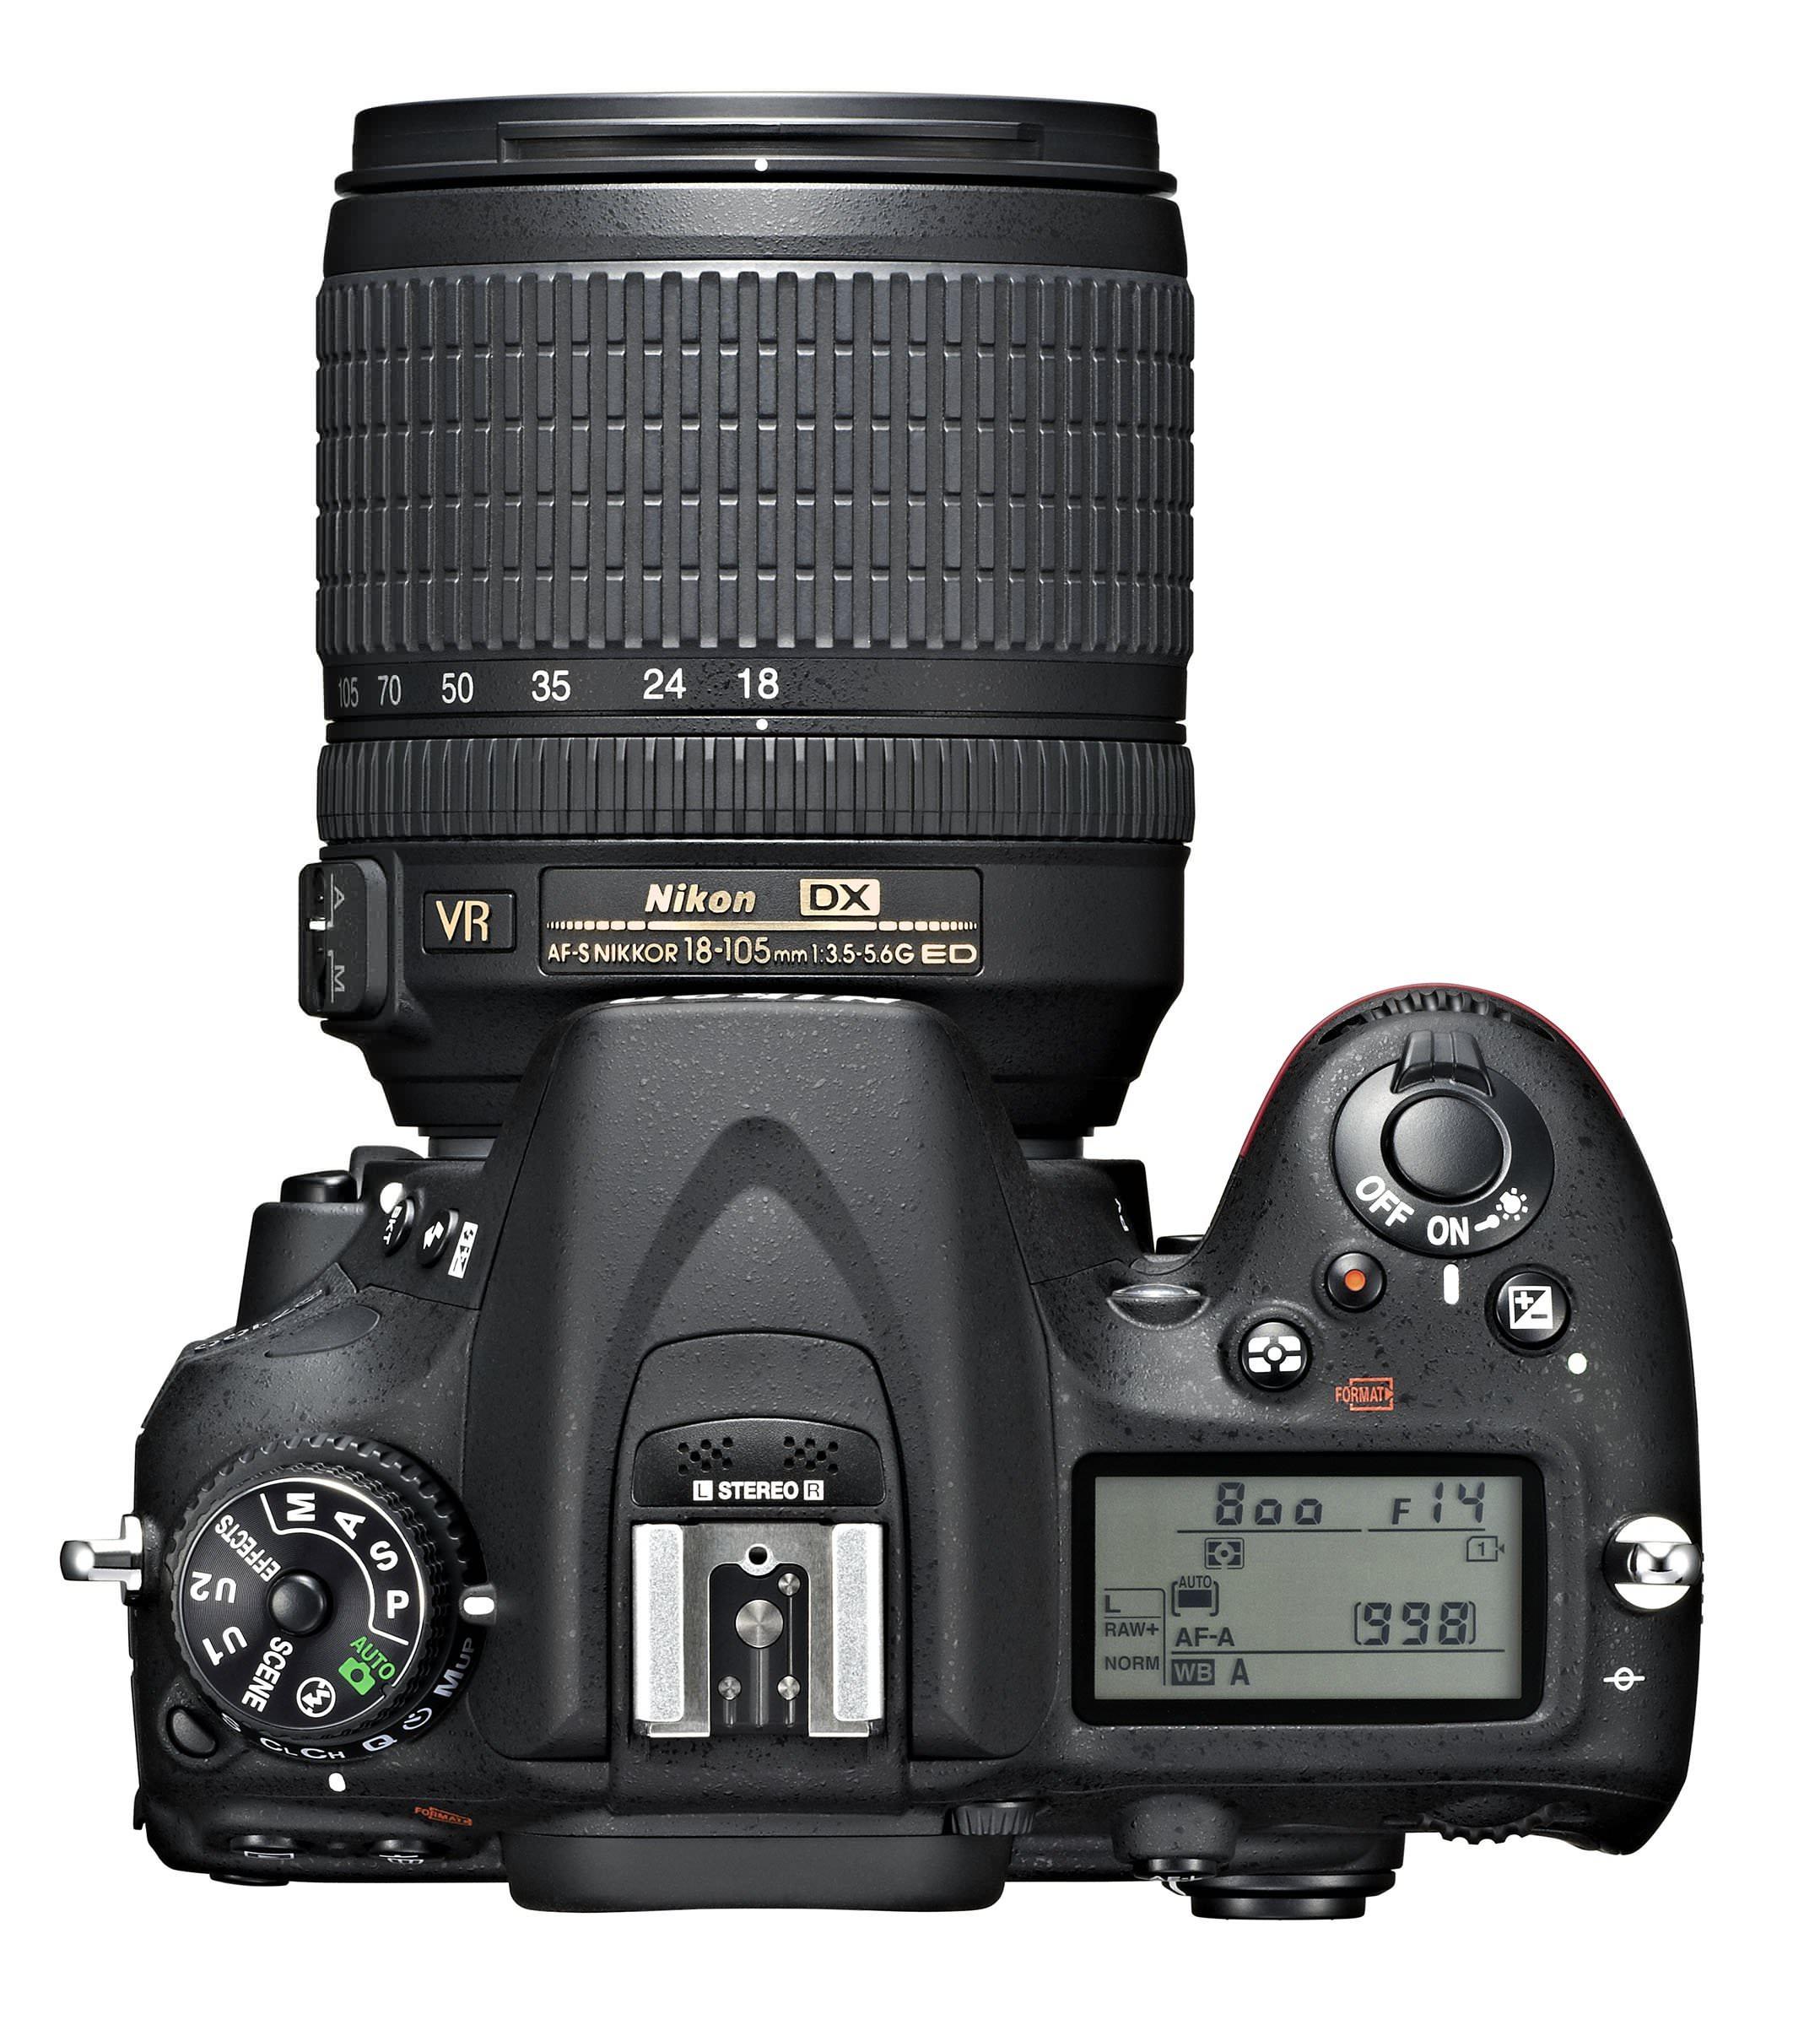 D7100 18 105 top.high image